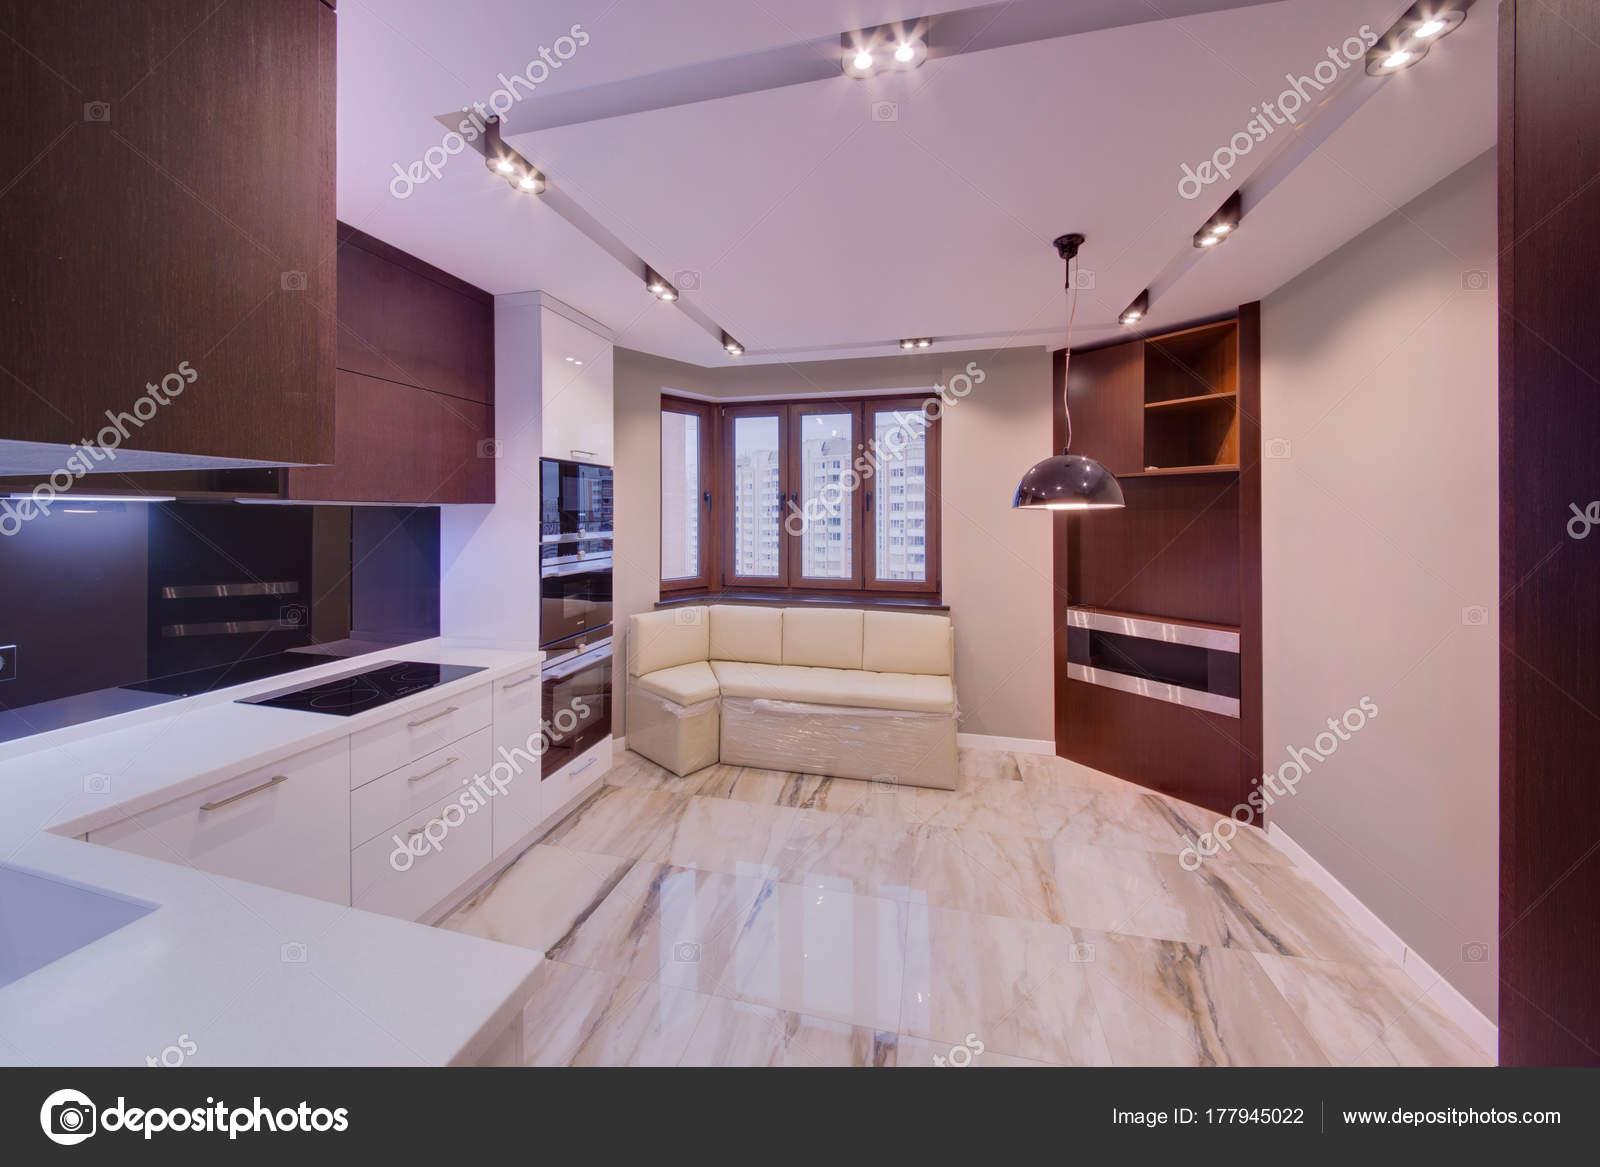 Cocina con suelo m rmol ventanas madera sistema luz foto - Suelos de marmol precios ...